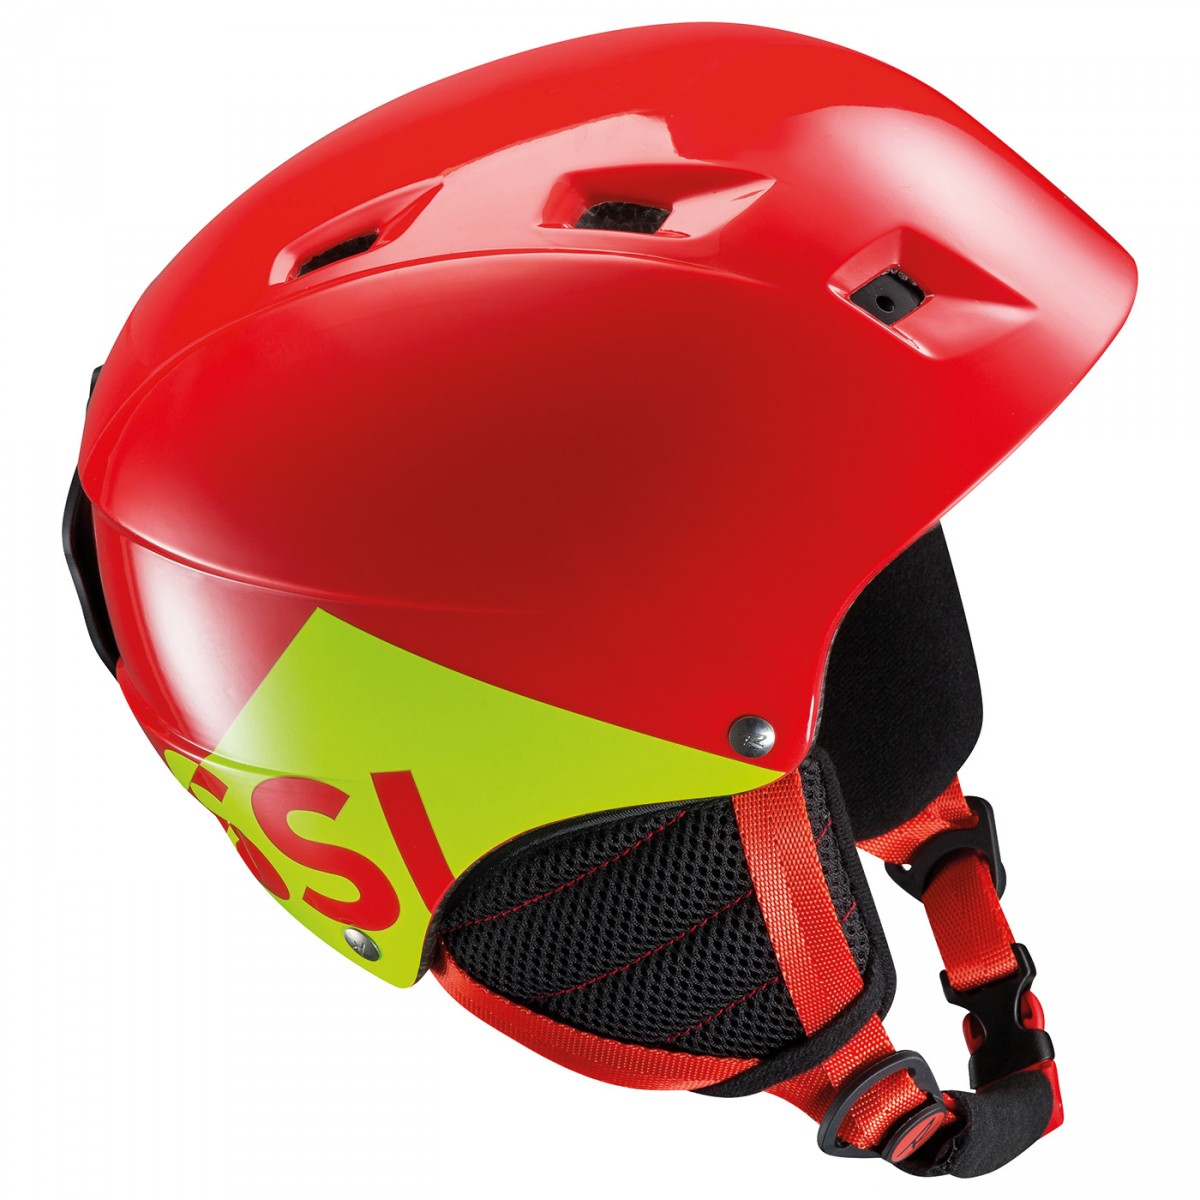 Casco sci Rossignol Comp J (Colore: rosso, Taglia: 51/54)